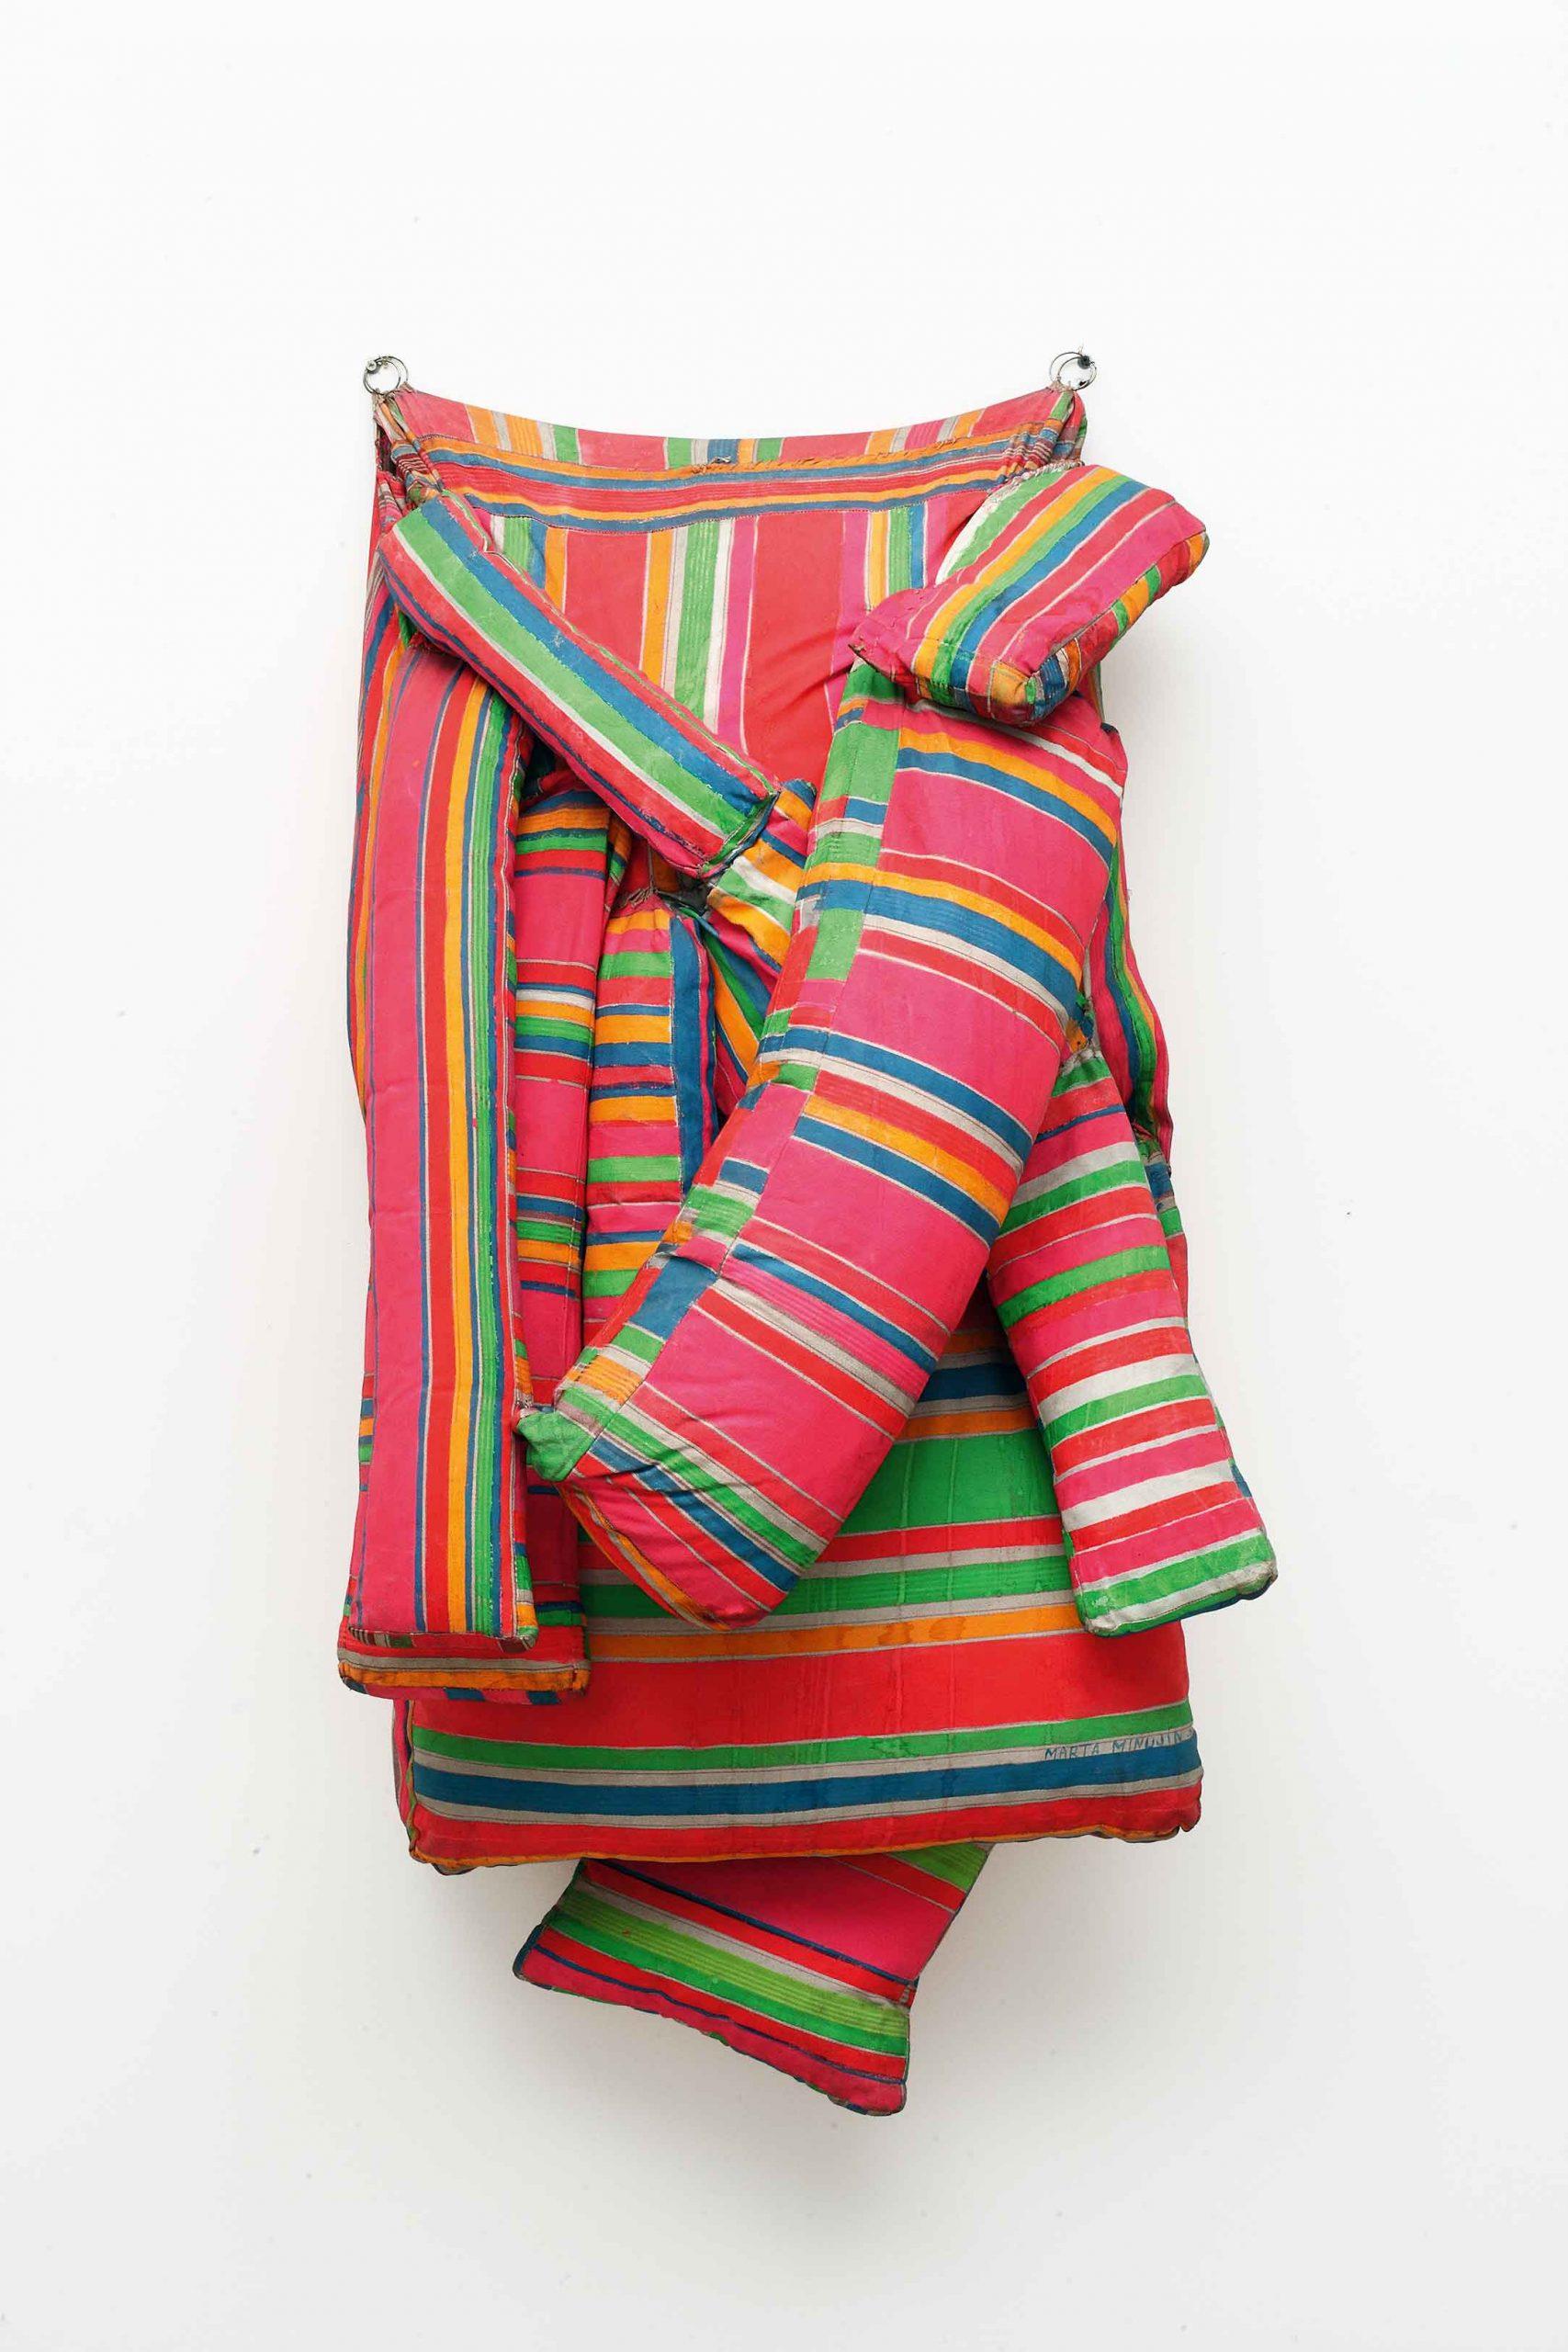 Marta Minujín (Argentine, b. 1943), Colchón (Mattress), 1964/1985. Acrílico sobre tela, gomaespuma (reconstruida). 59 1/16 × 34 1/4 × 21 1/4 in. (150 × 87 × 54 cm). Colección de Jorge y Marion Helft.